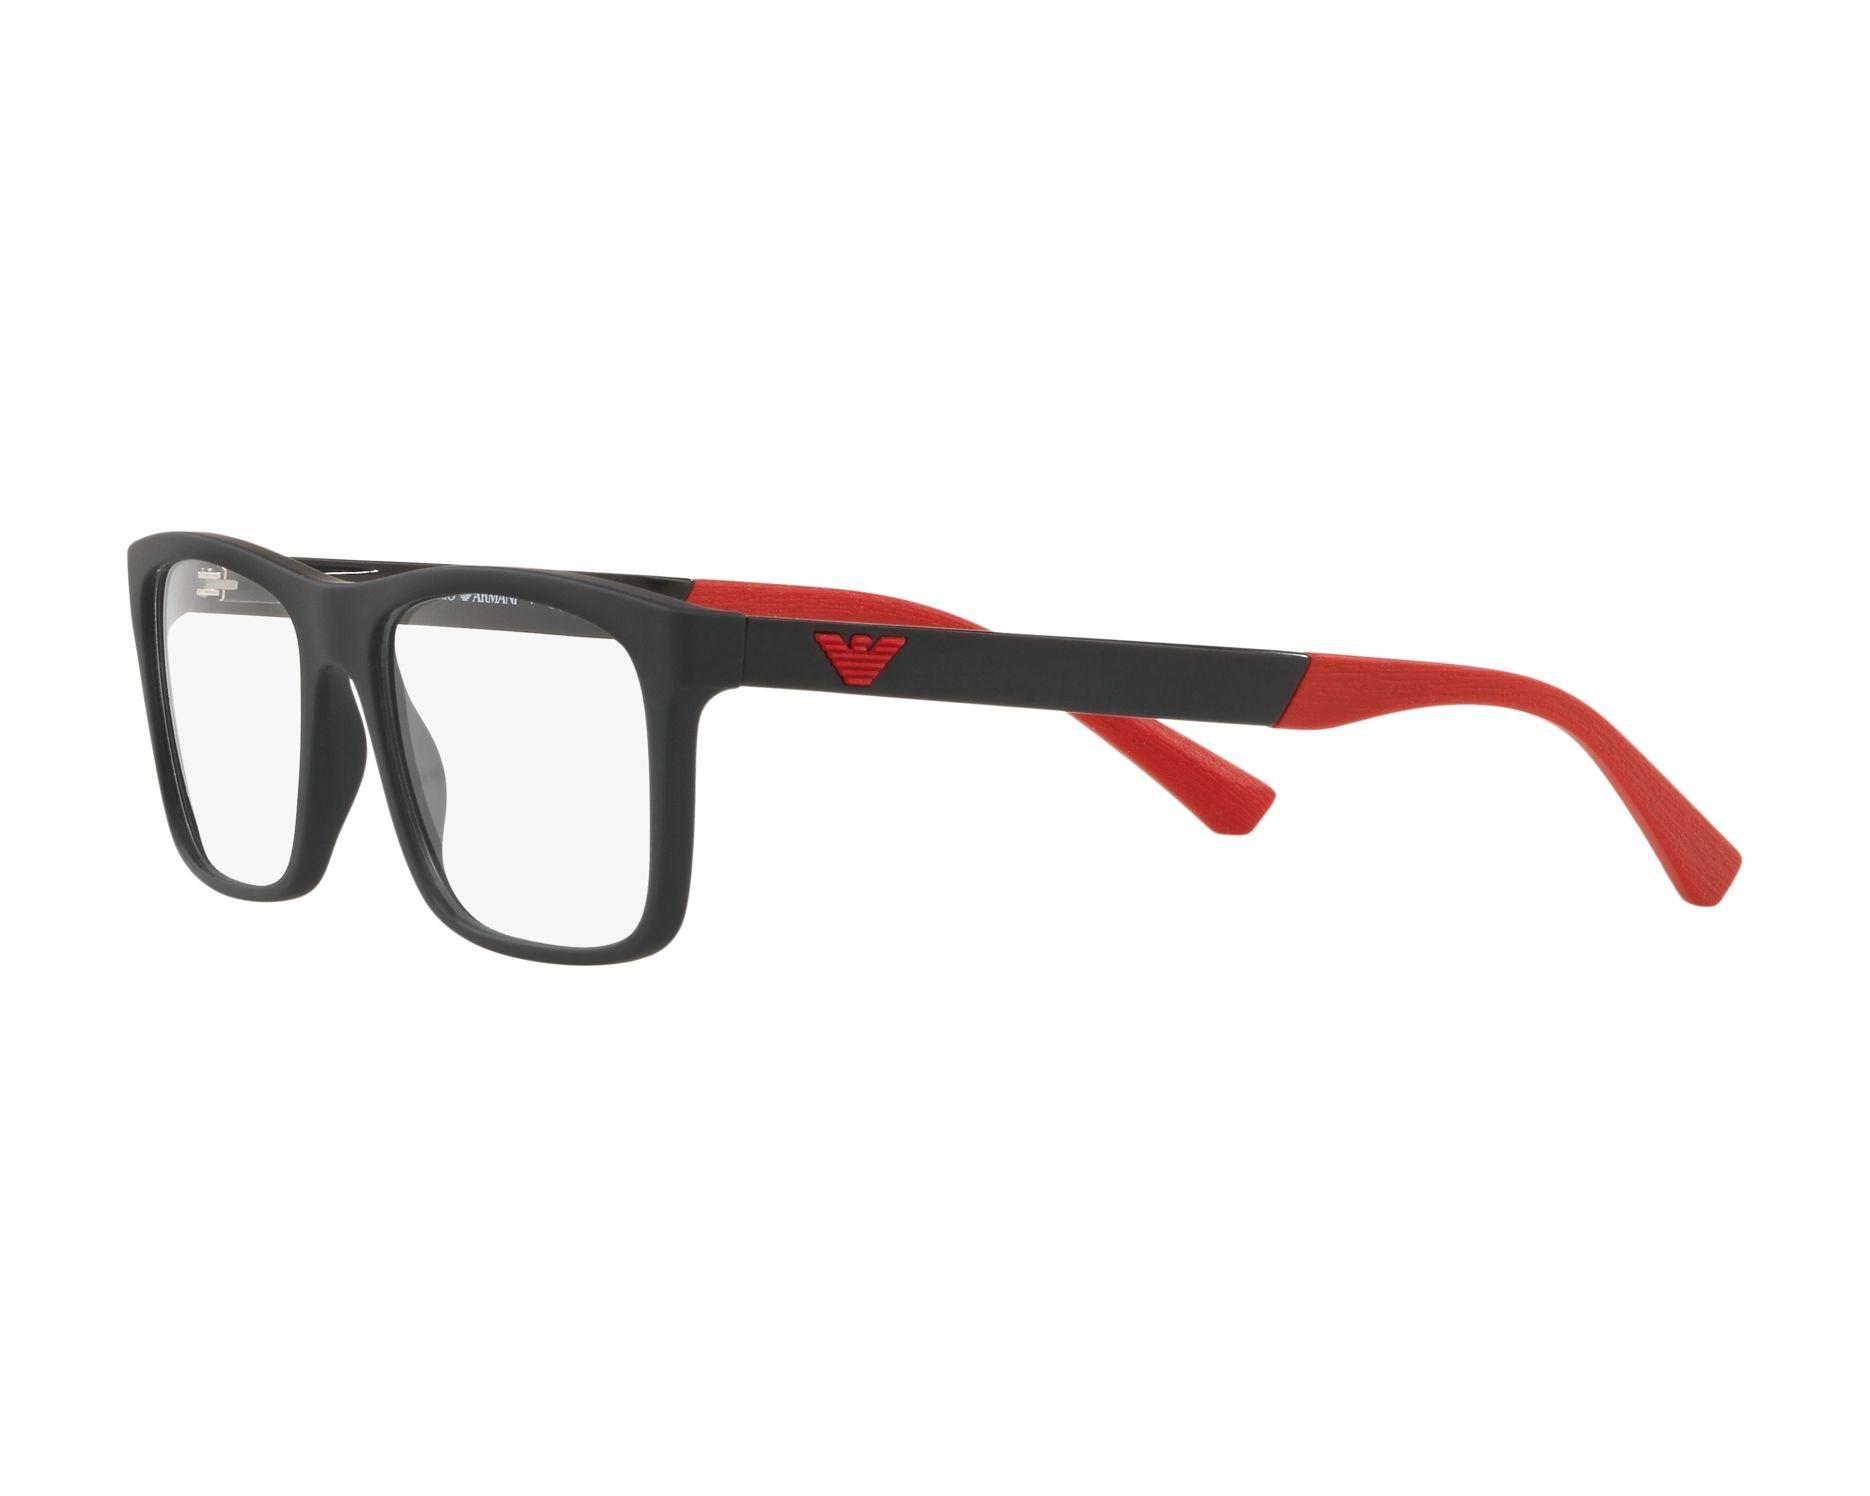 1ada23b2b6b7 eyeglasses Emporio Armani EA-3101 5063 55-17 Black Red 360 degree view 3